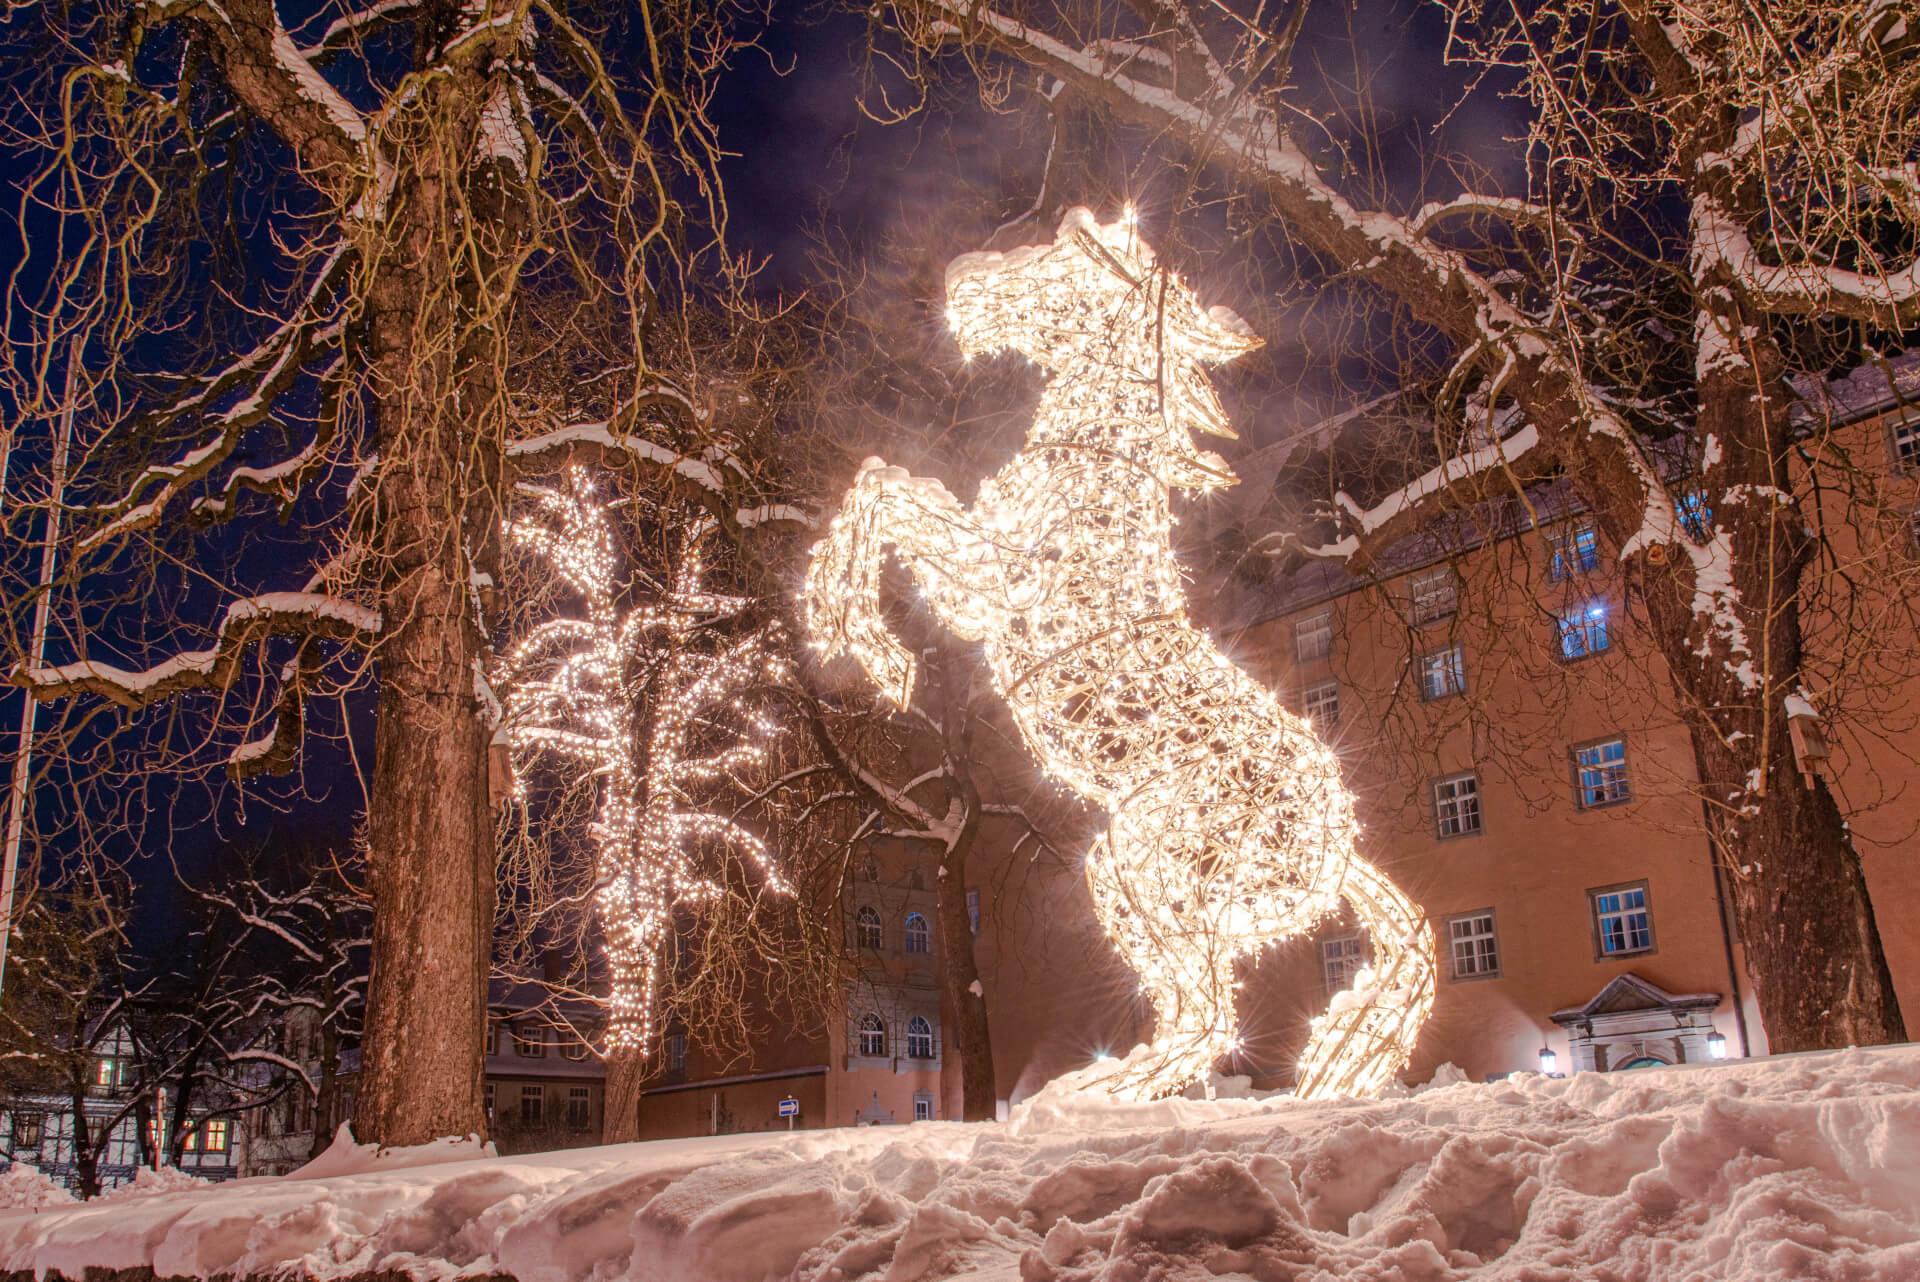 Lichterzauber im Schnee, Pferd